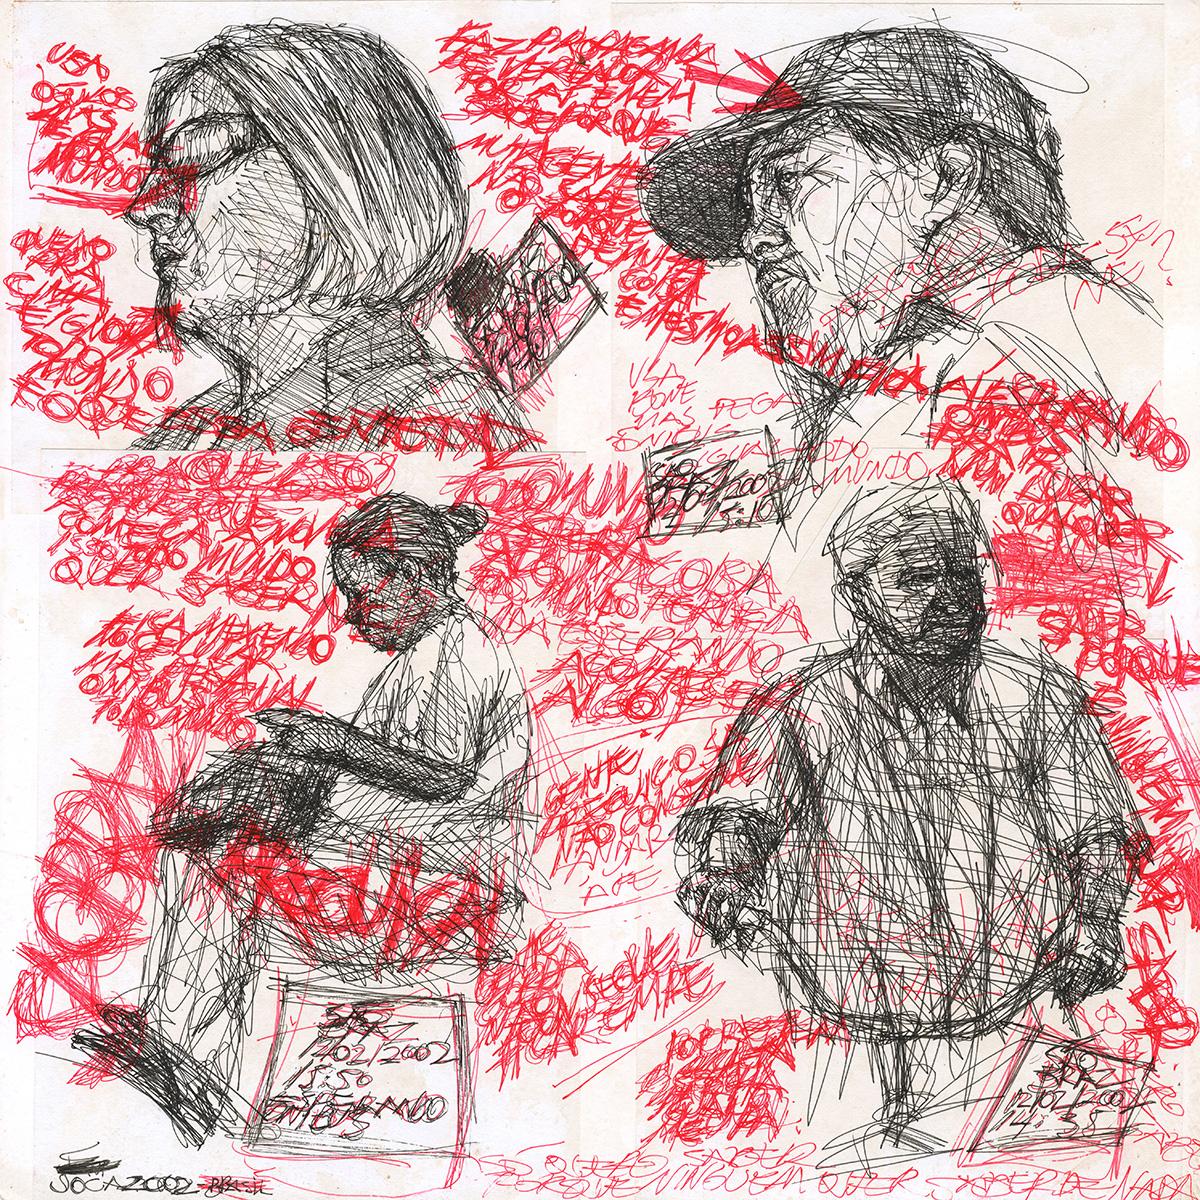 Desenho atribuído a Joaquim de Souza - Fase 3 - 2002.02.17_(15.50)